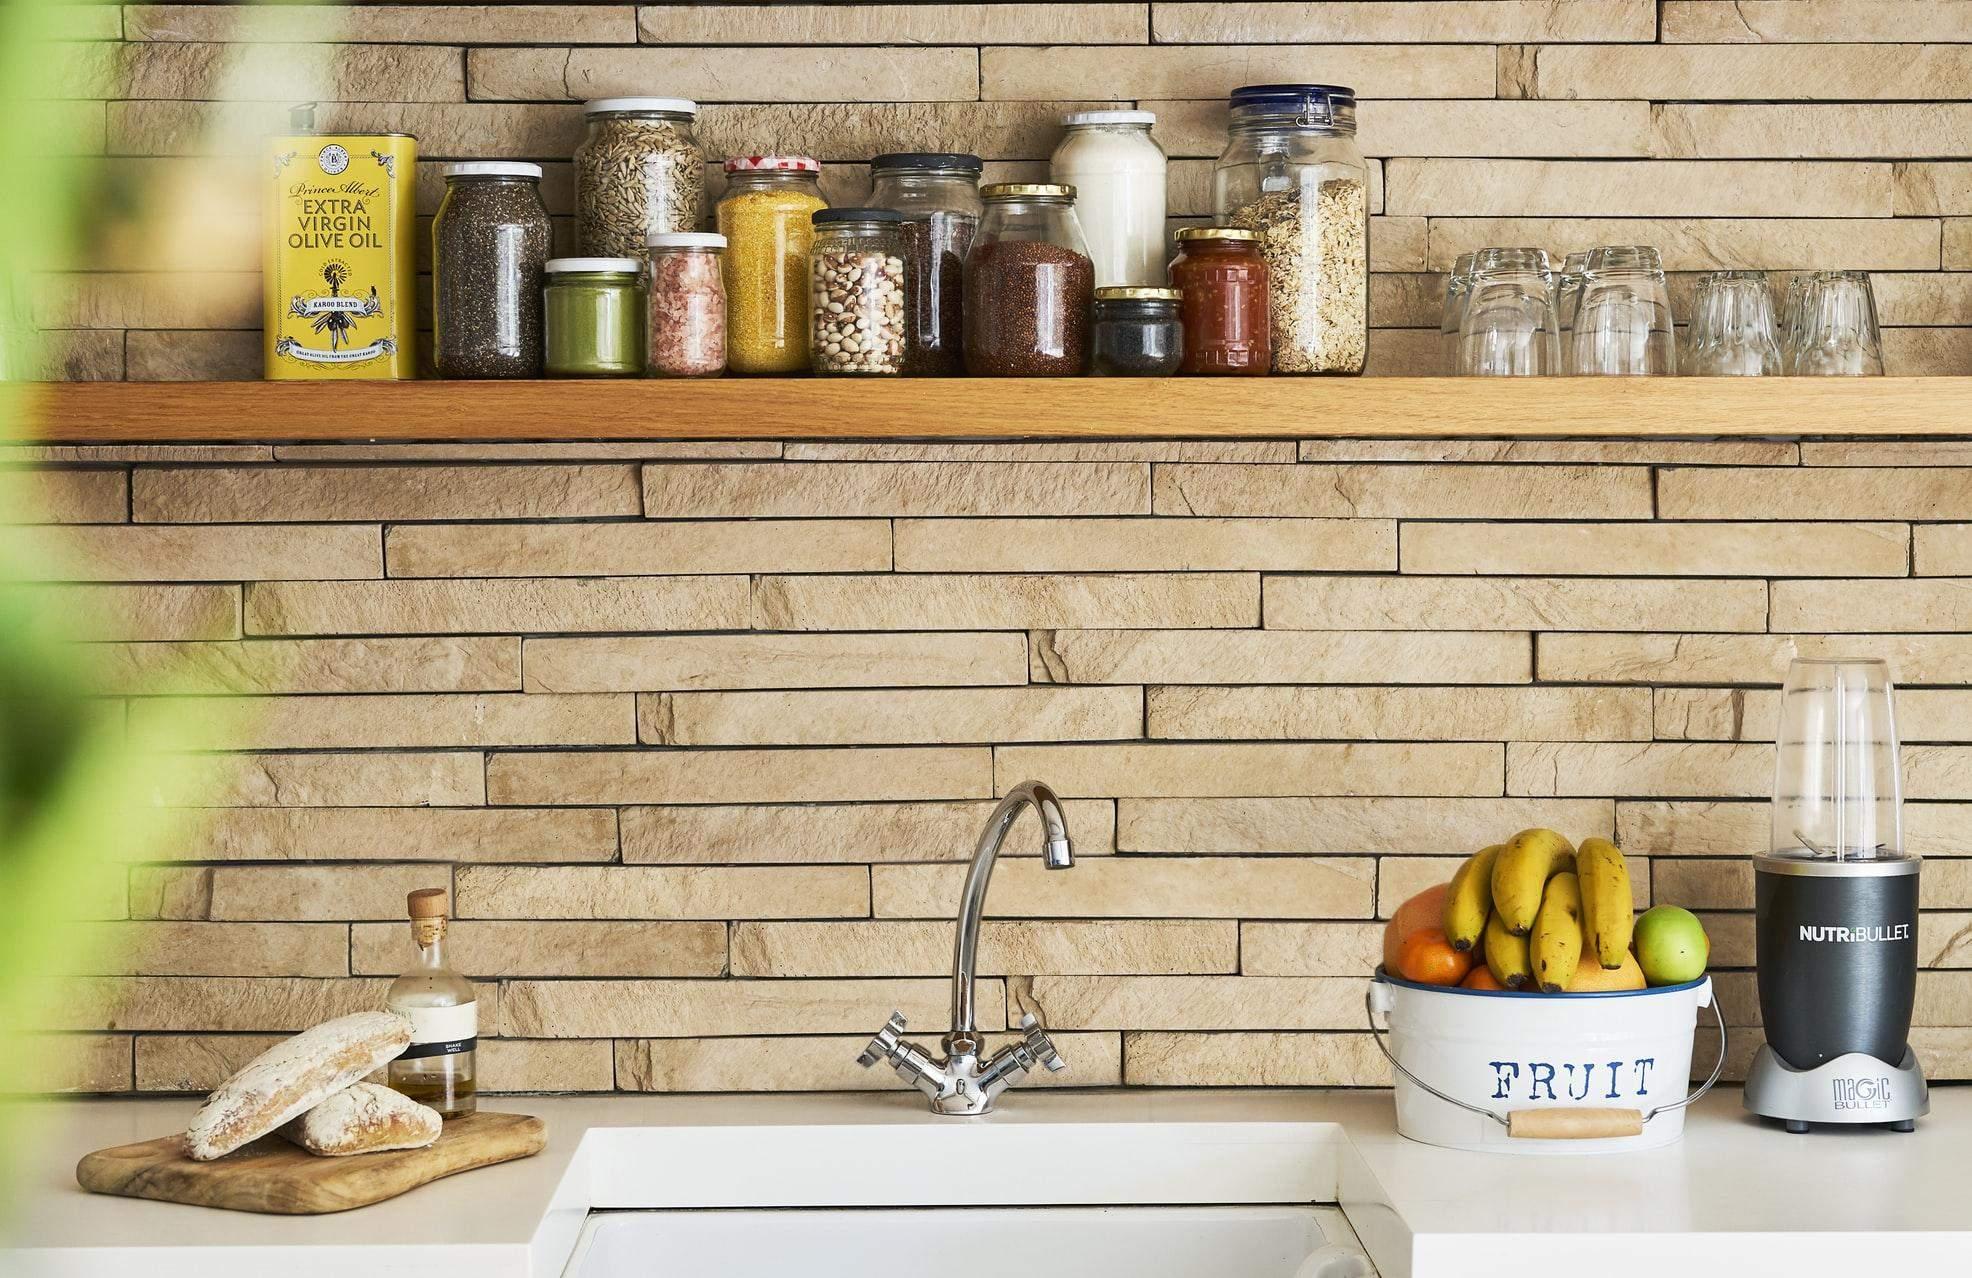 Реорганізація кухонного простору